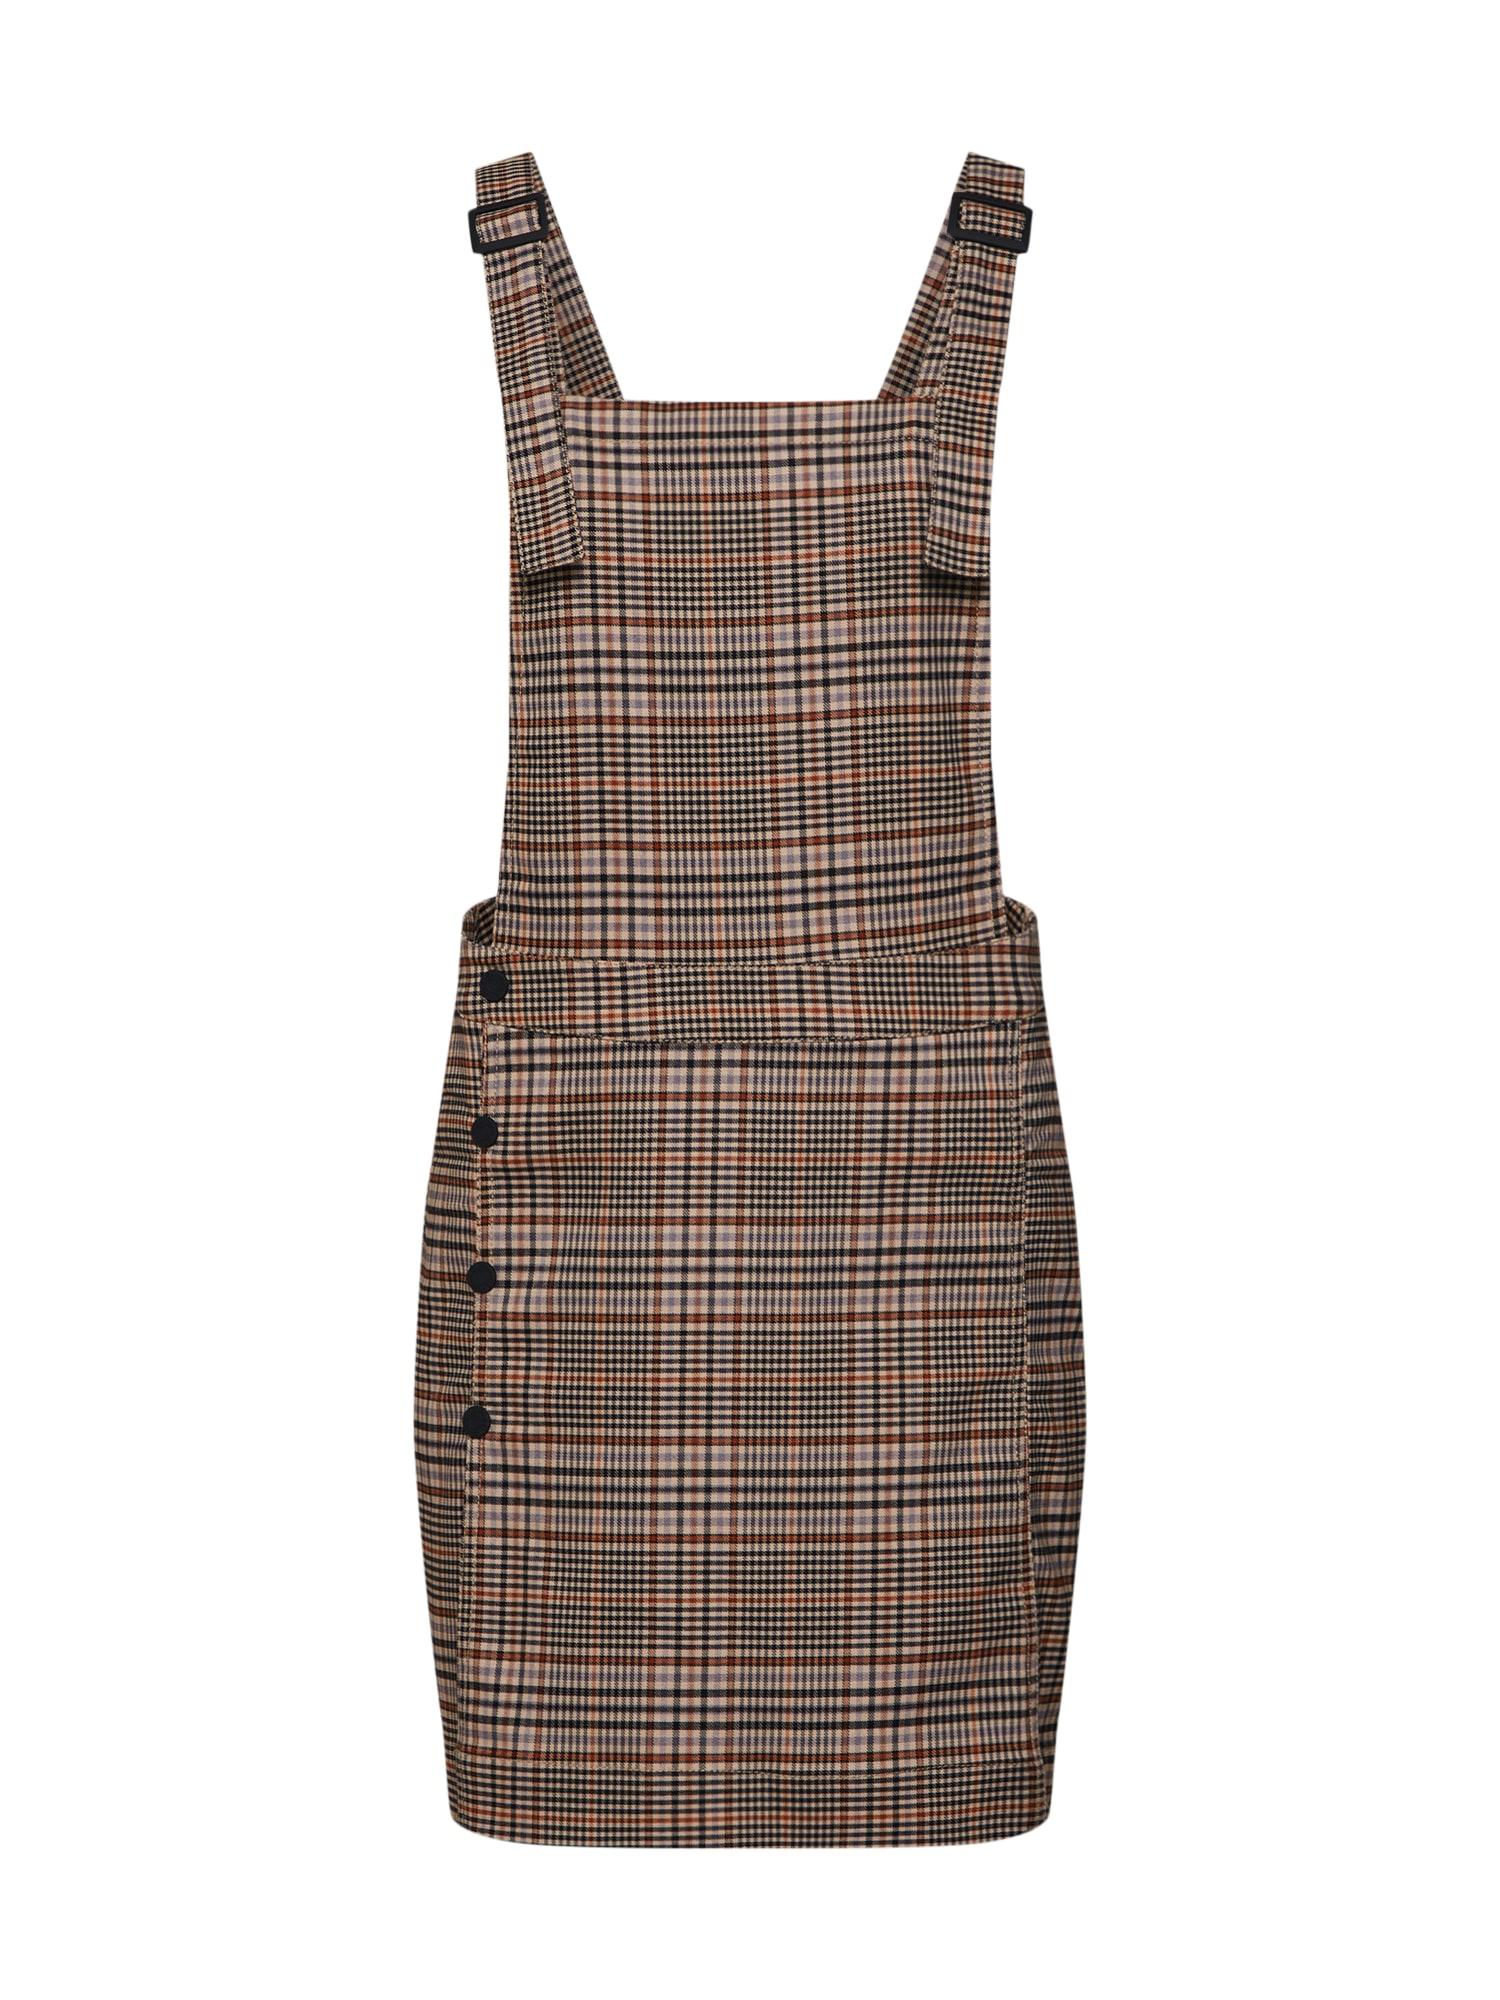 Laclová sukně CHECK DUNGAREEDR béžová hnědá Review